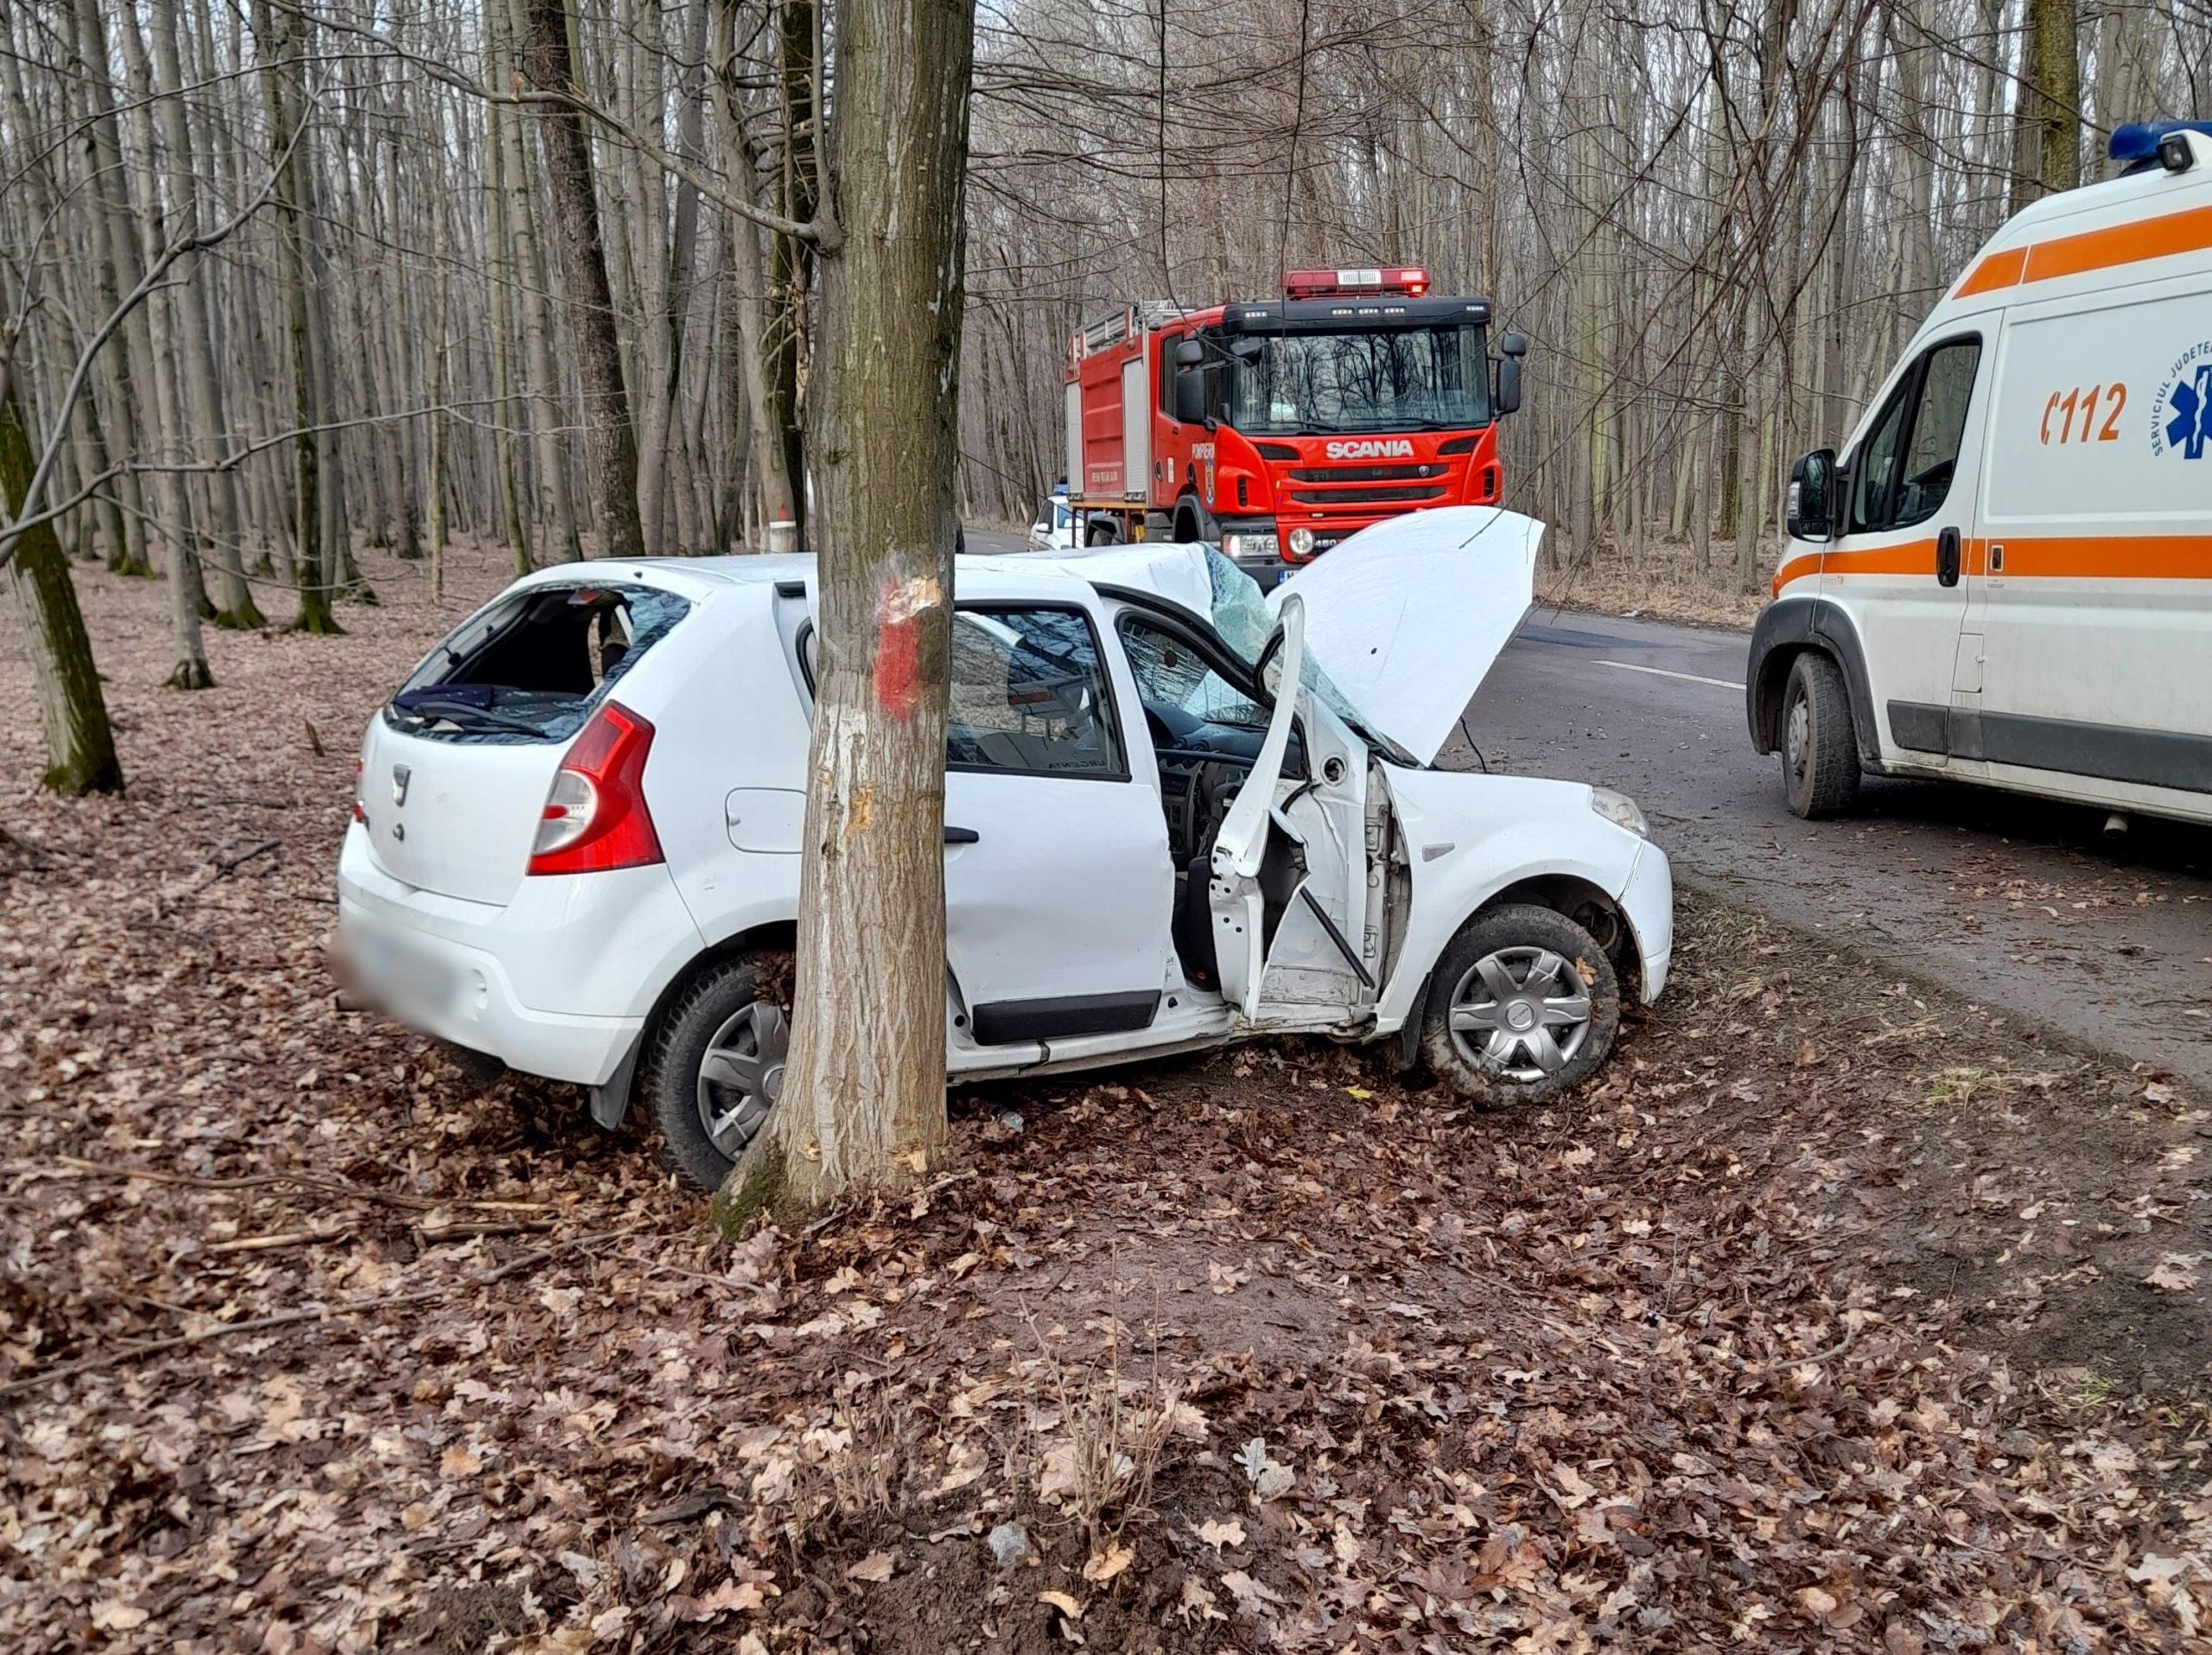 Un şofer, de 19 ani şi-a avariat maşina într-o pădure. El şi o pasageră au fost răniţi